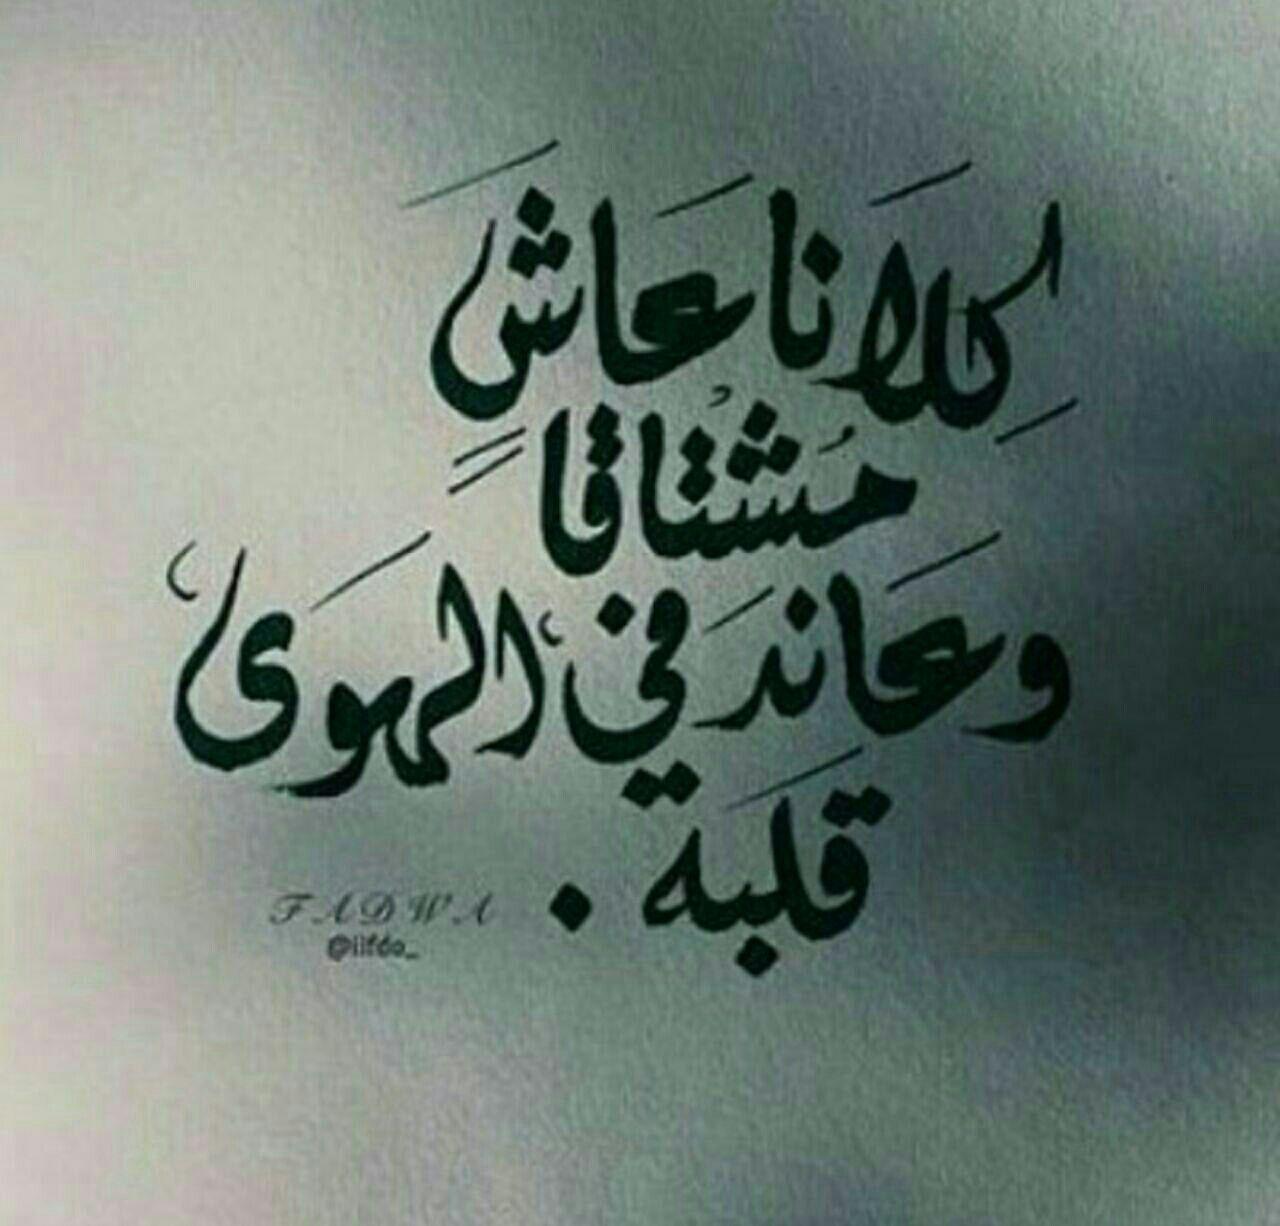 بالصور كلام حزين للحبيب , كلمات معبرة عن الحزن والجرح من الحبيب 5009 8